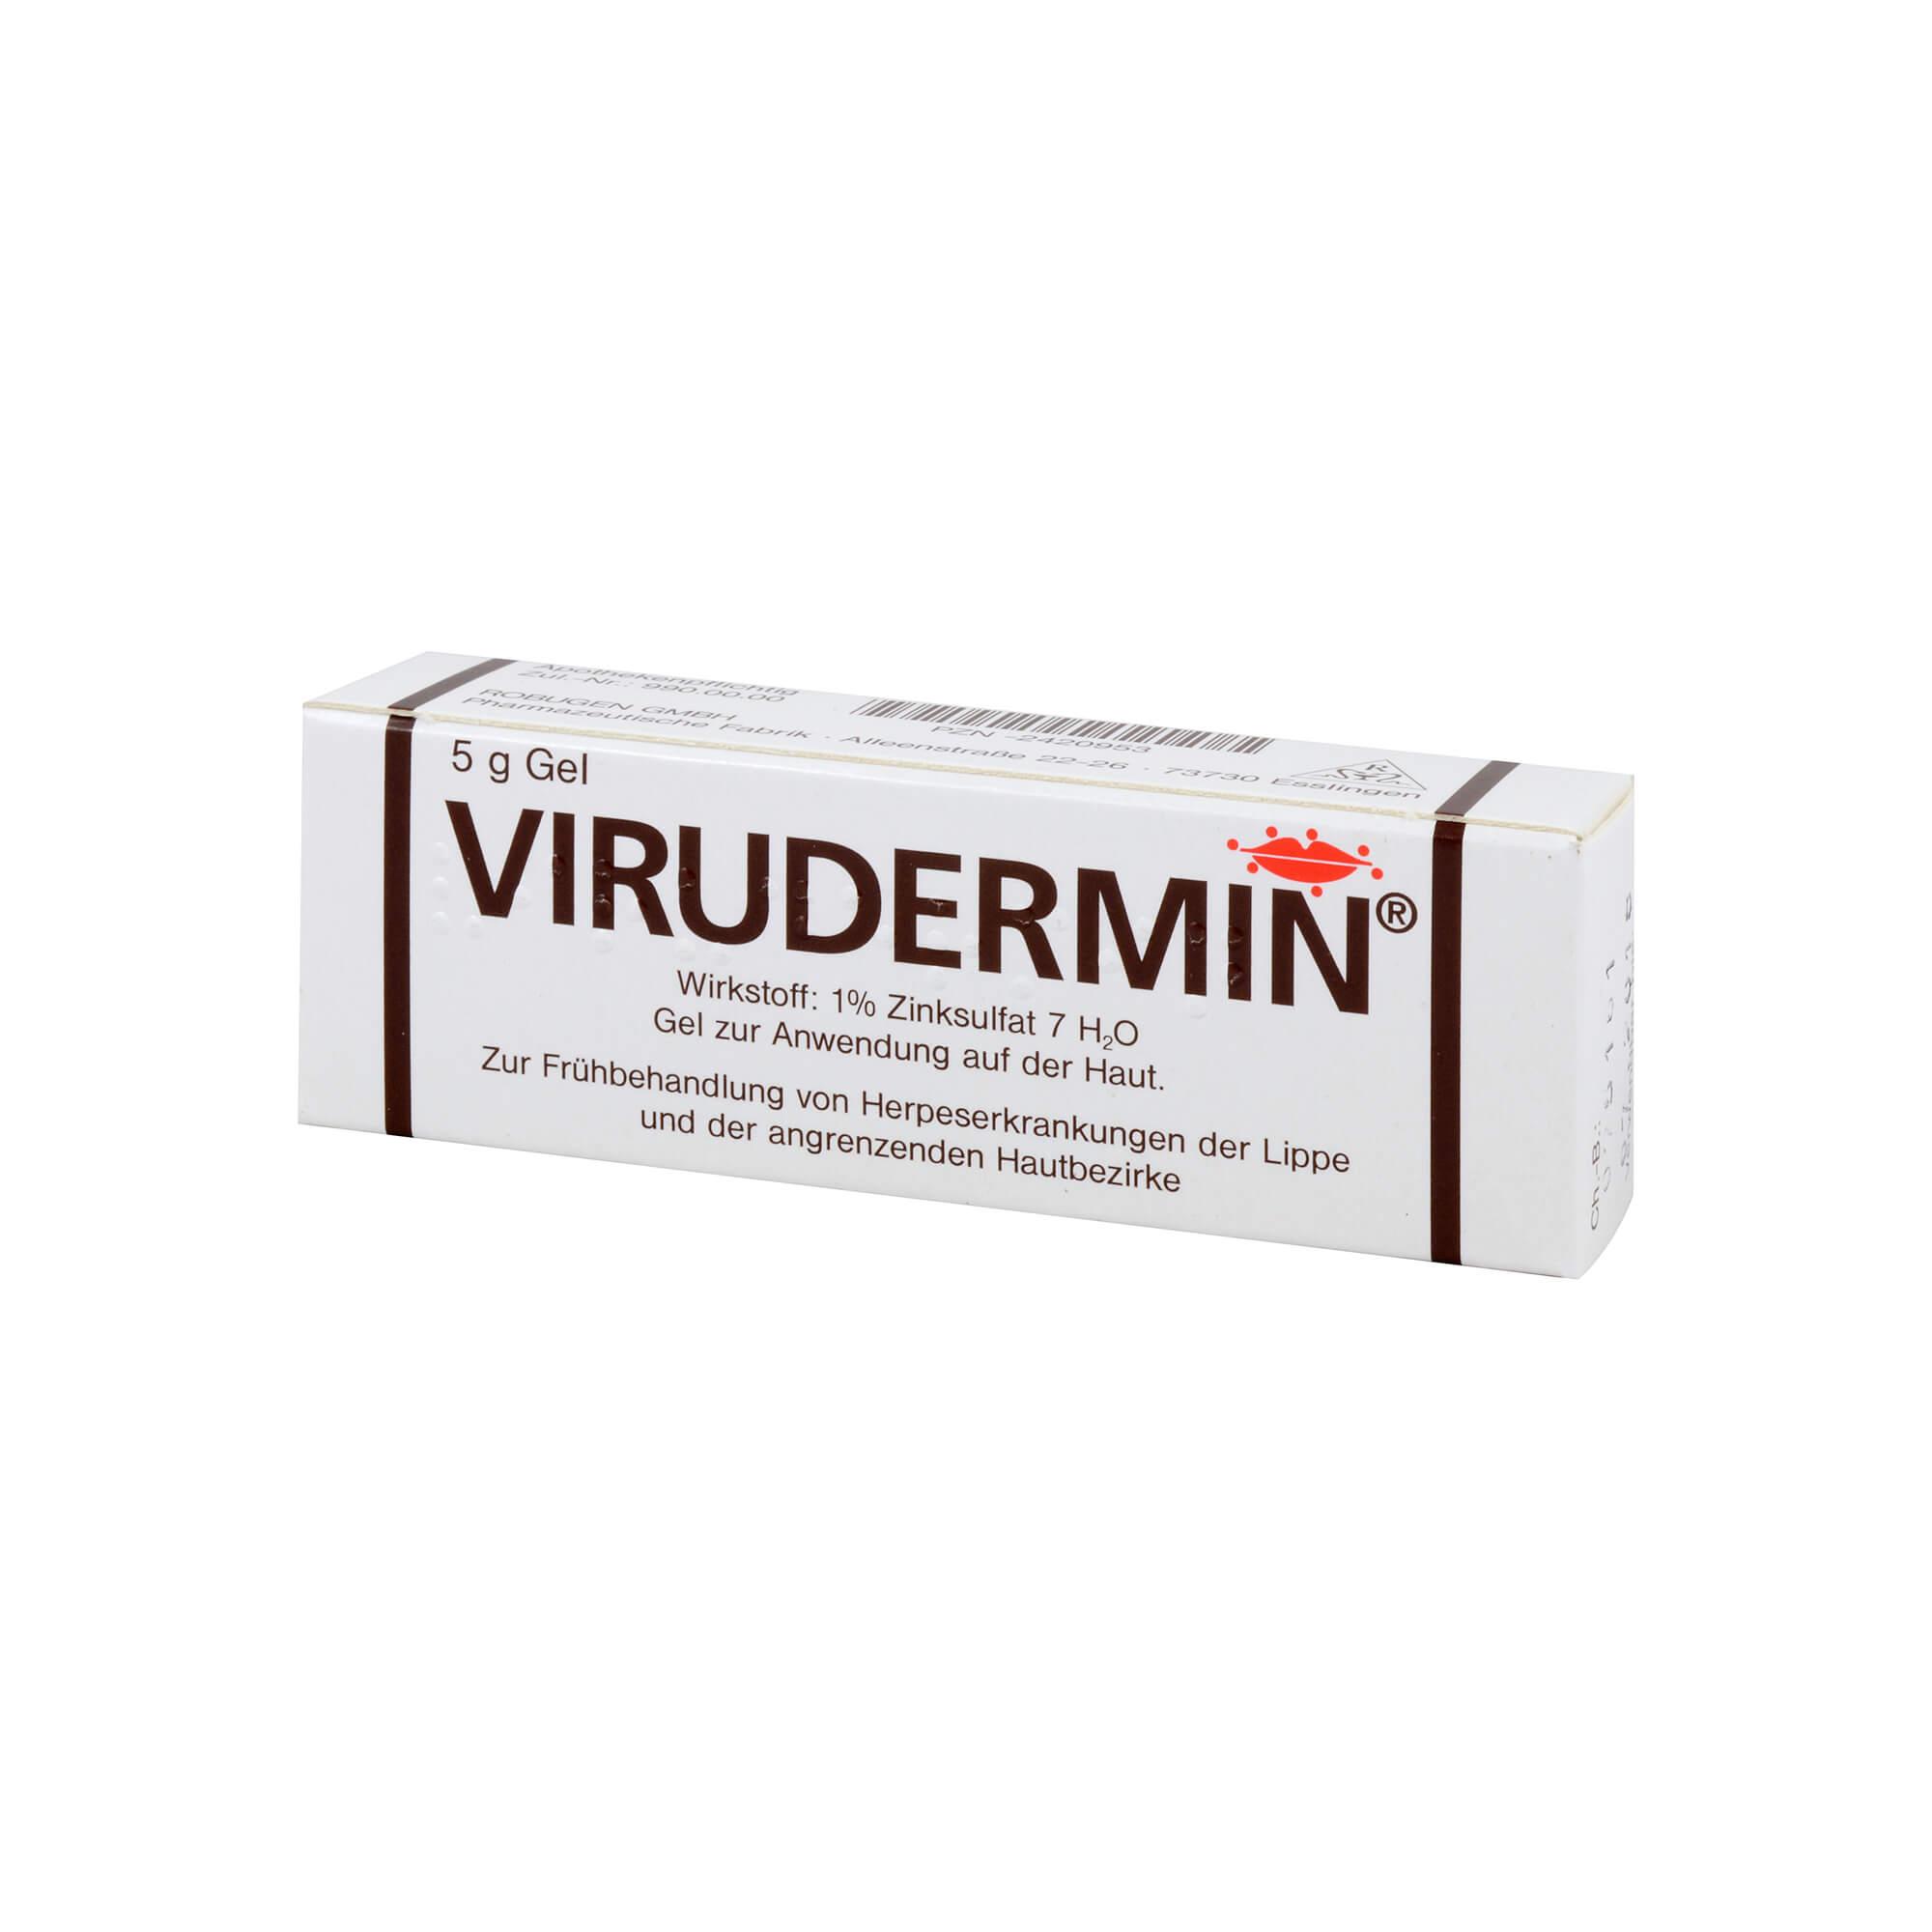 Virudermin